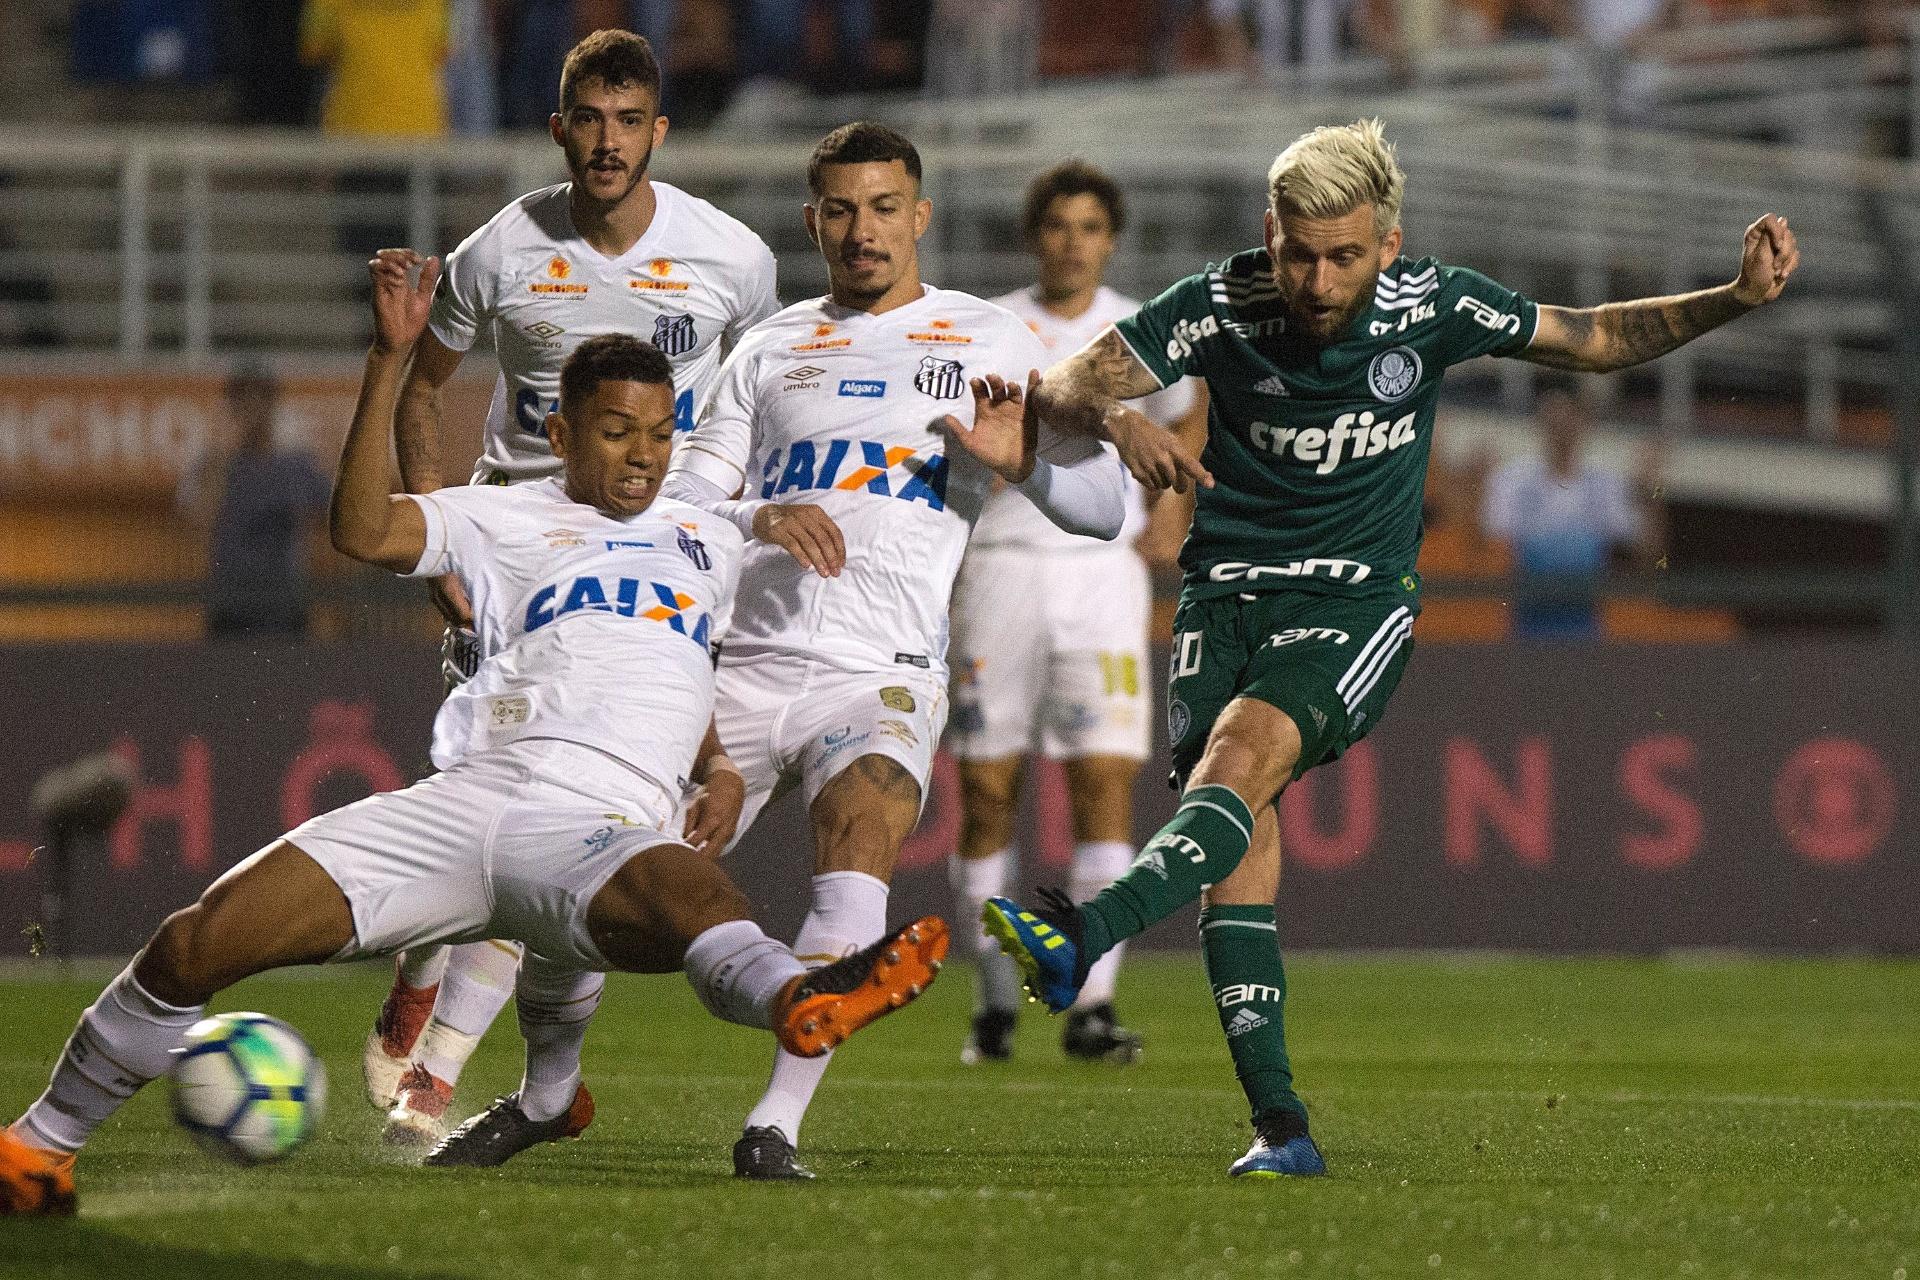 c2093a4890 Vitória sobre Santos no clássico garante Palmeiras na próxima Libertadores  - Esporte - BOL